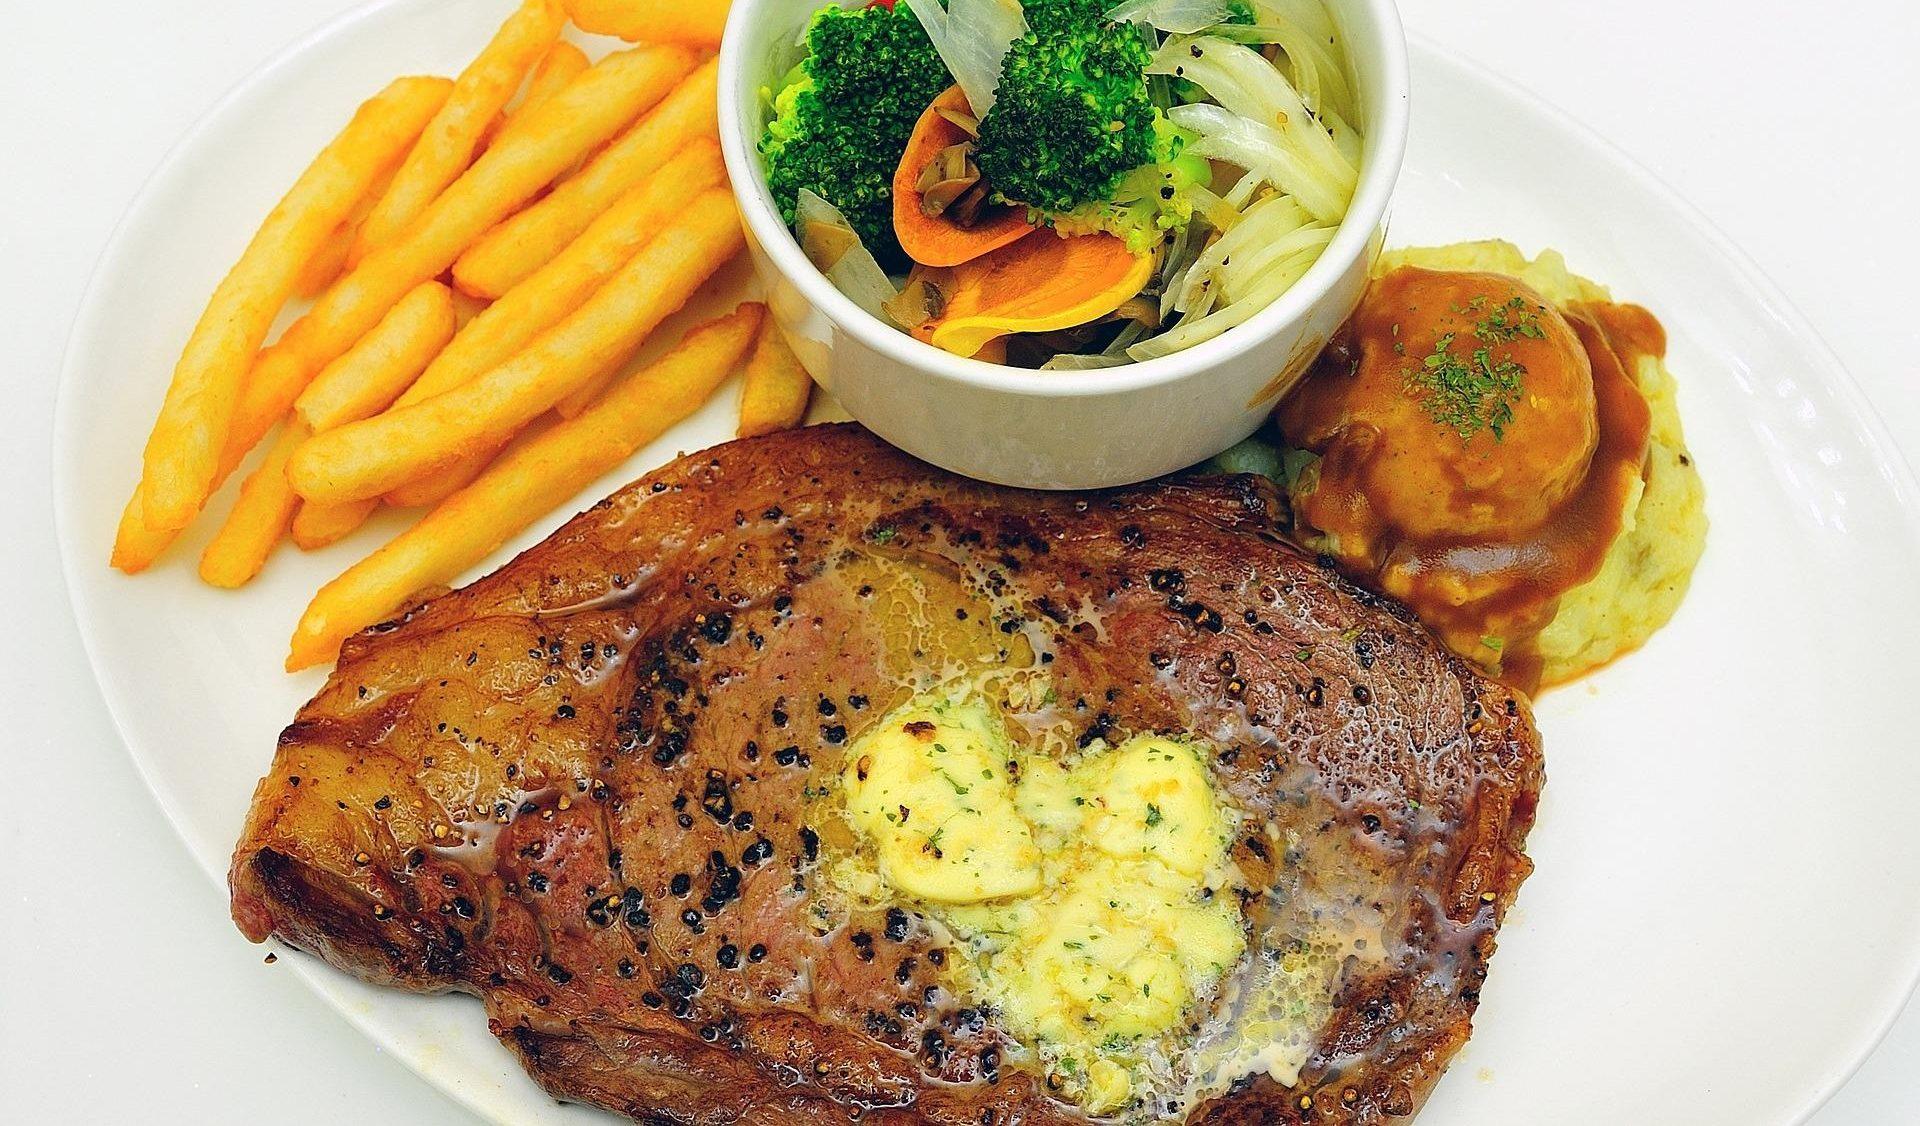 стейк из свиной шеи с картошкой фри и овощами